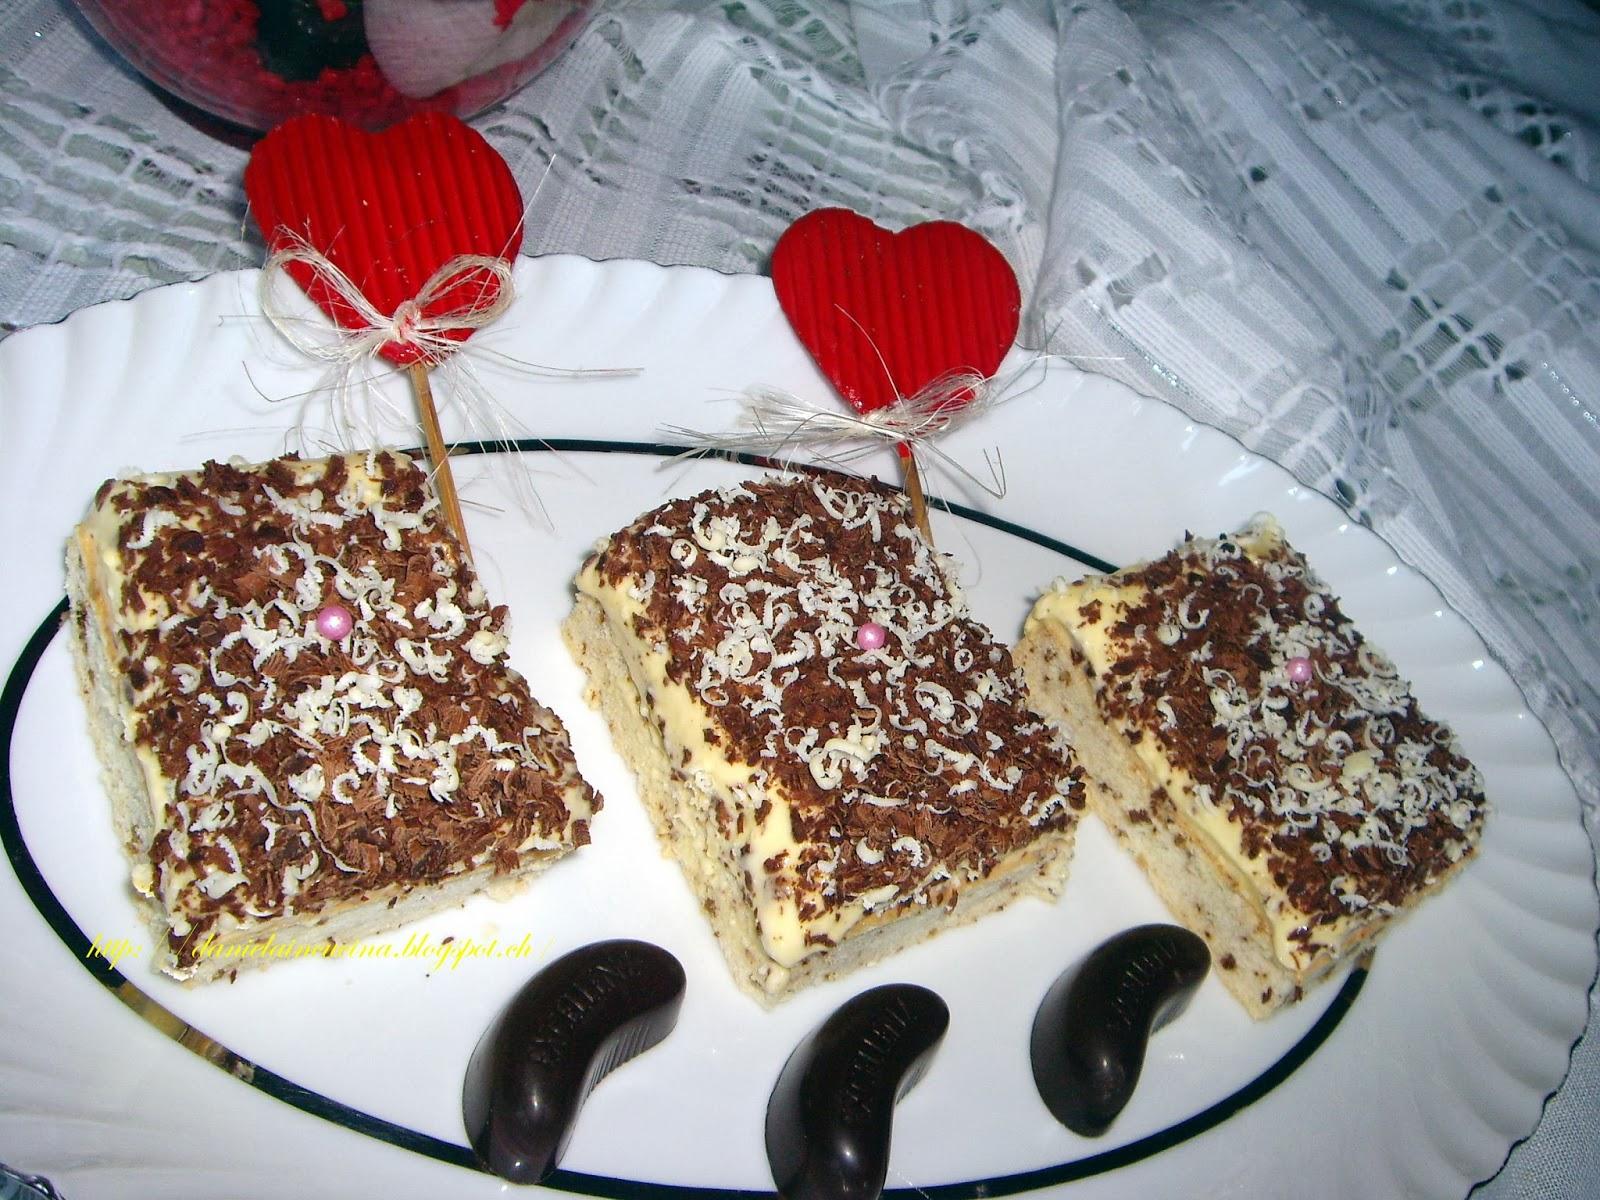 Prajitura cu blat de nuca si crema de vanilie/Torta con pan di spagna alle noci e crema di vaniglia